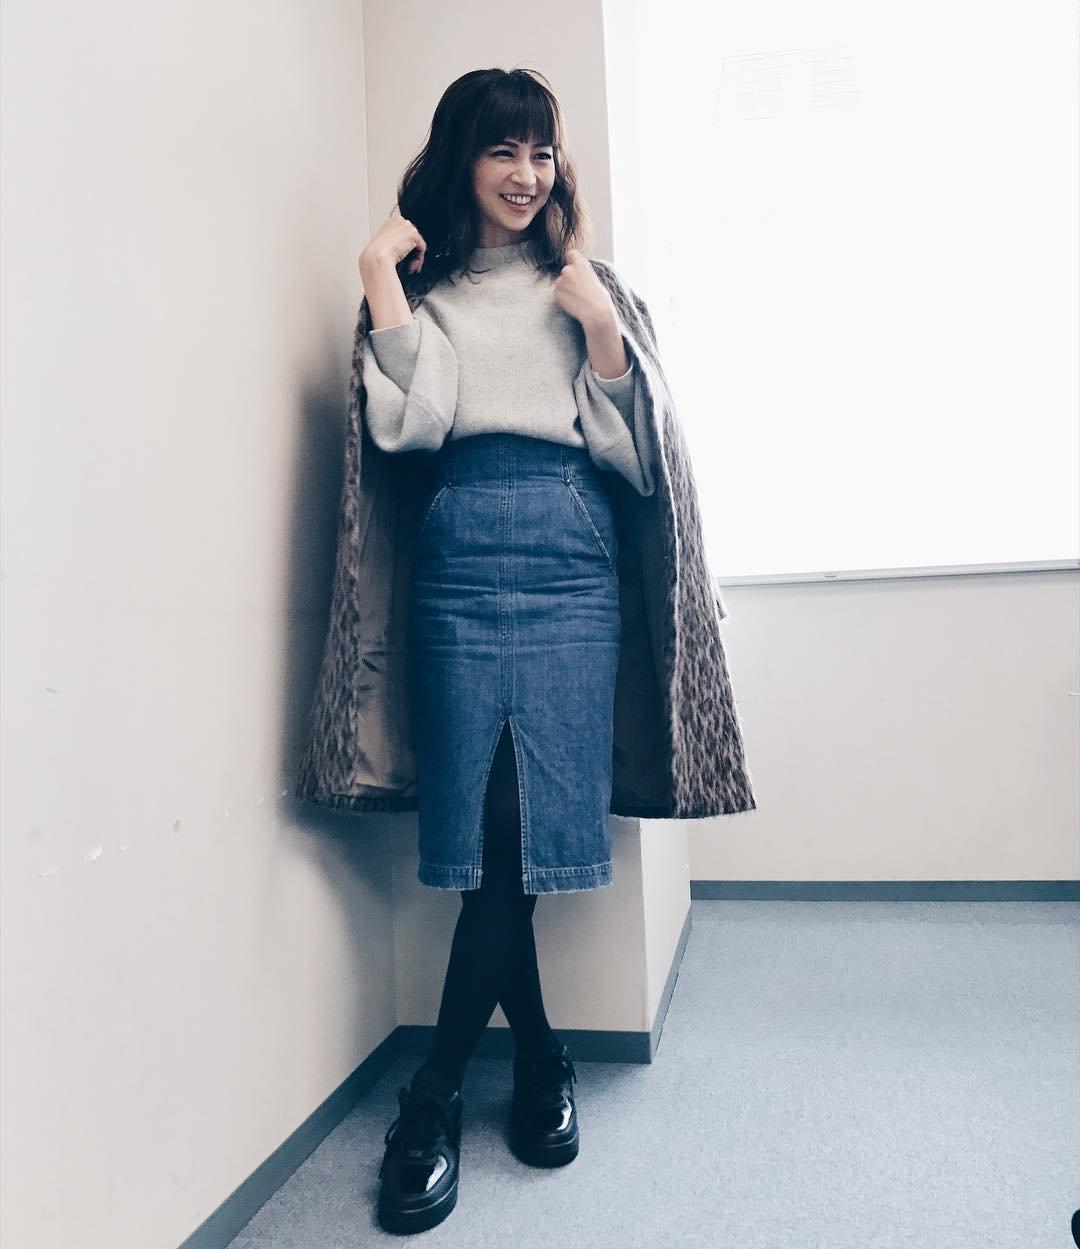 「安田美沙子 私服」の画像検索結果